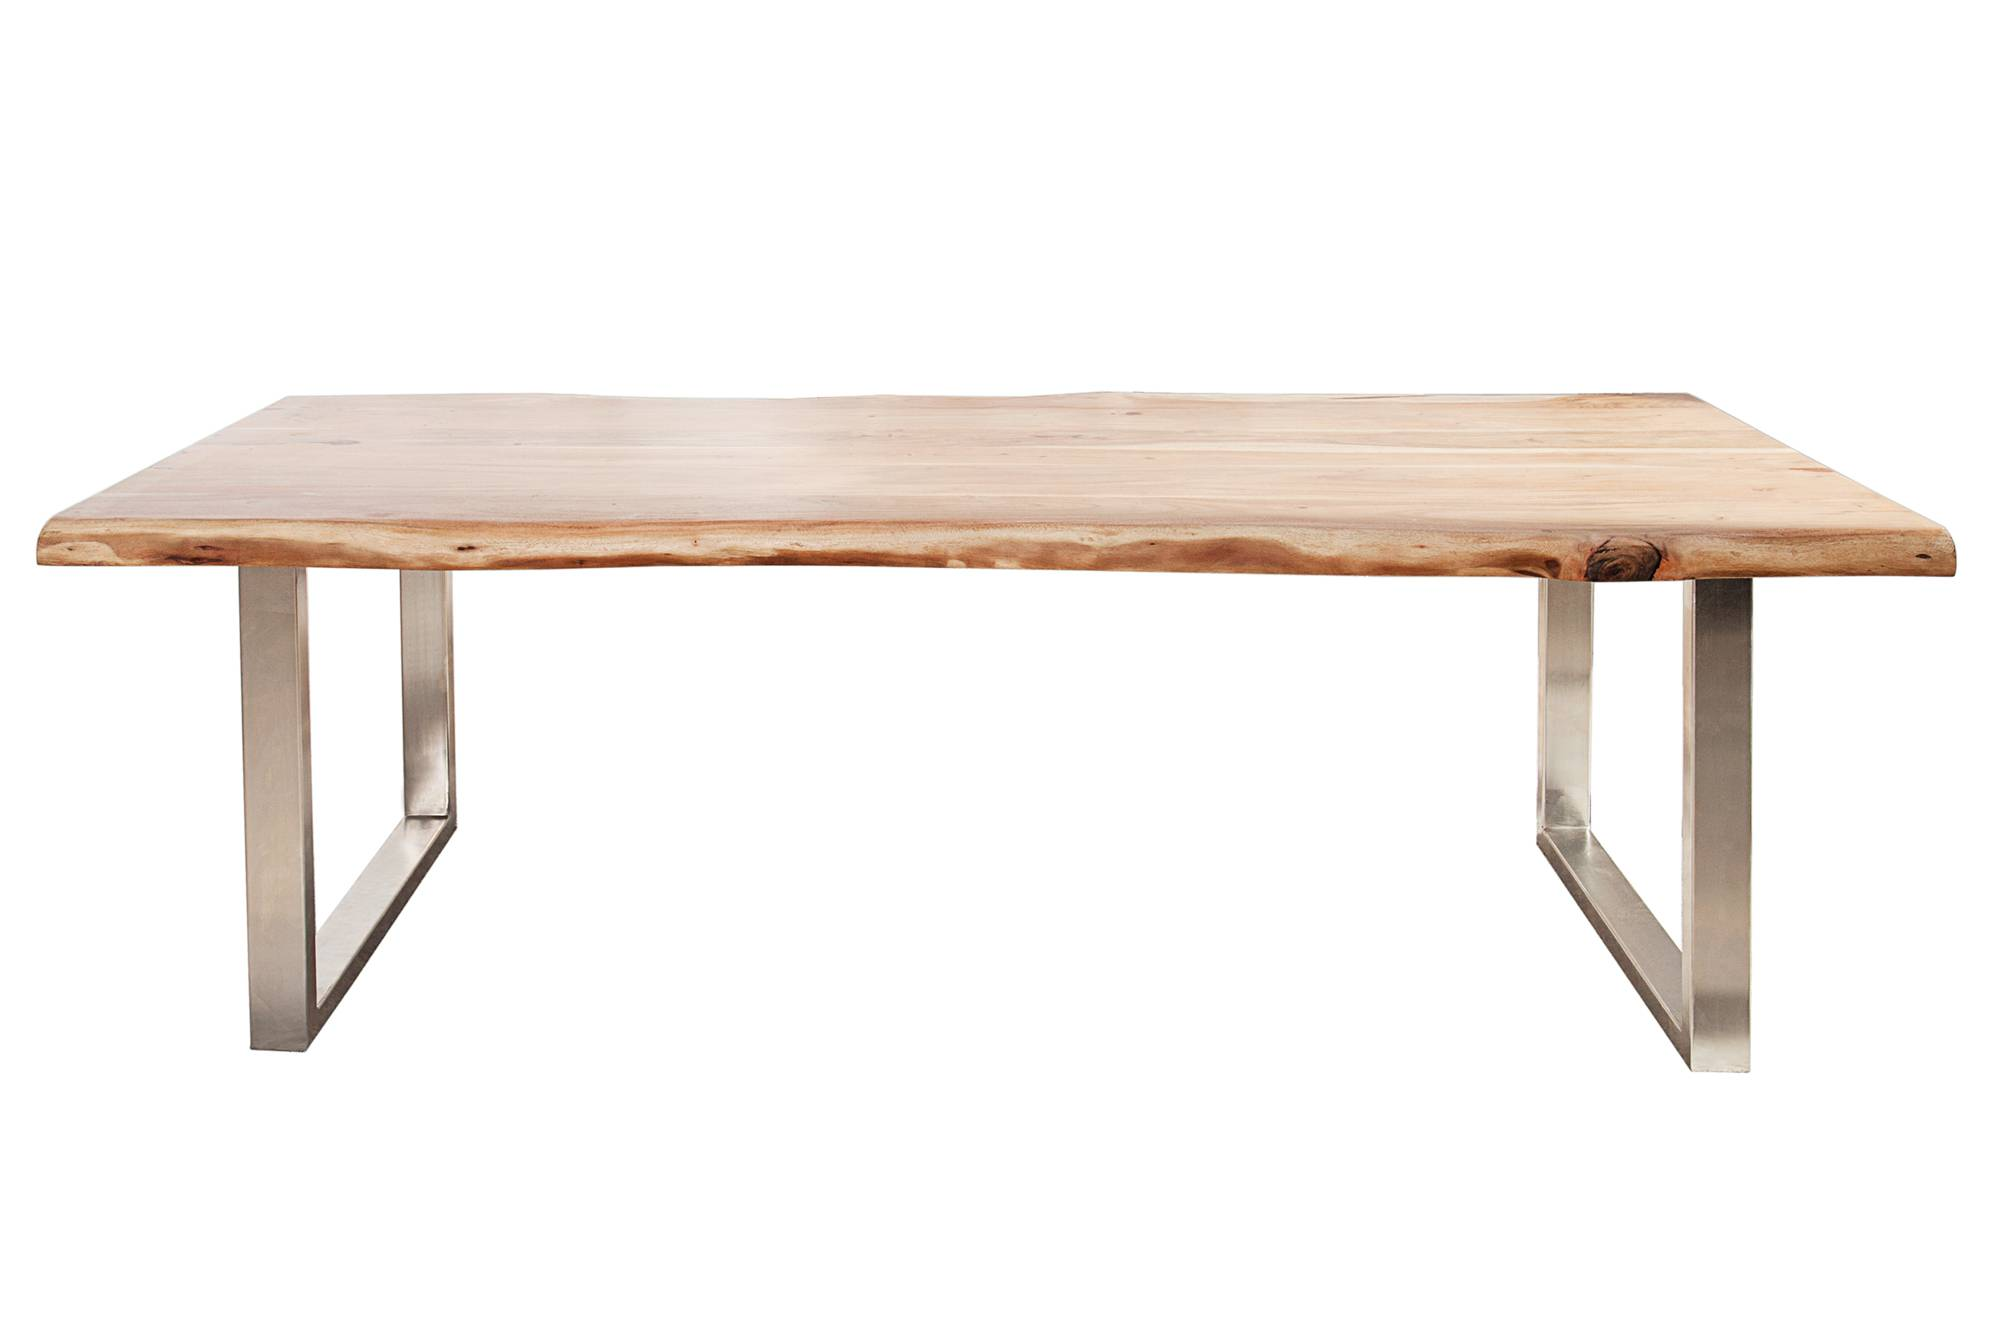 Luxusní jídelní stůl z masivu Massive II New 220cm